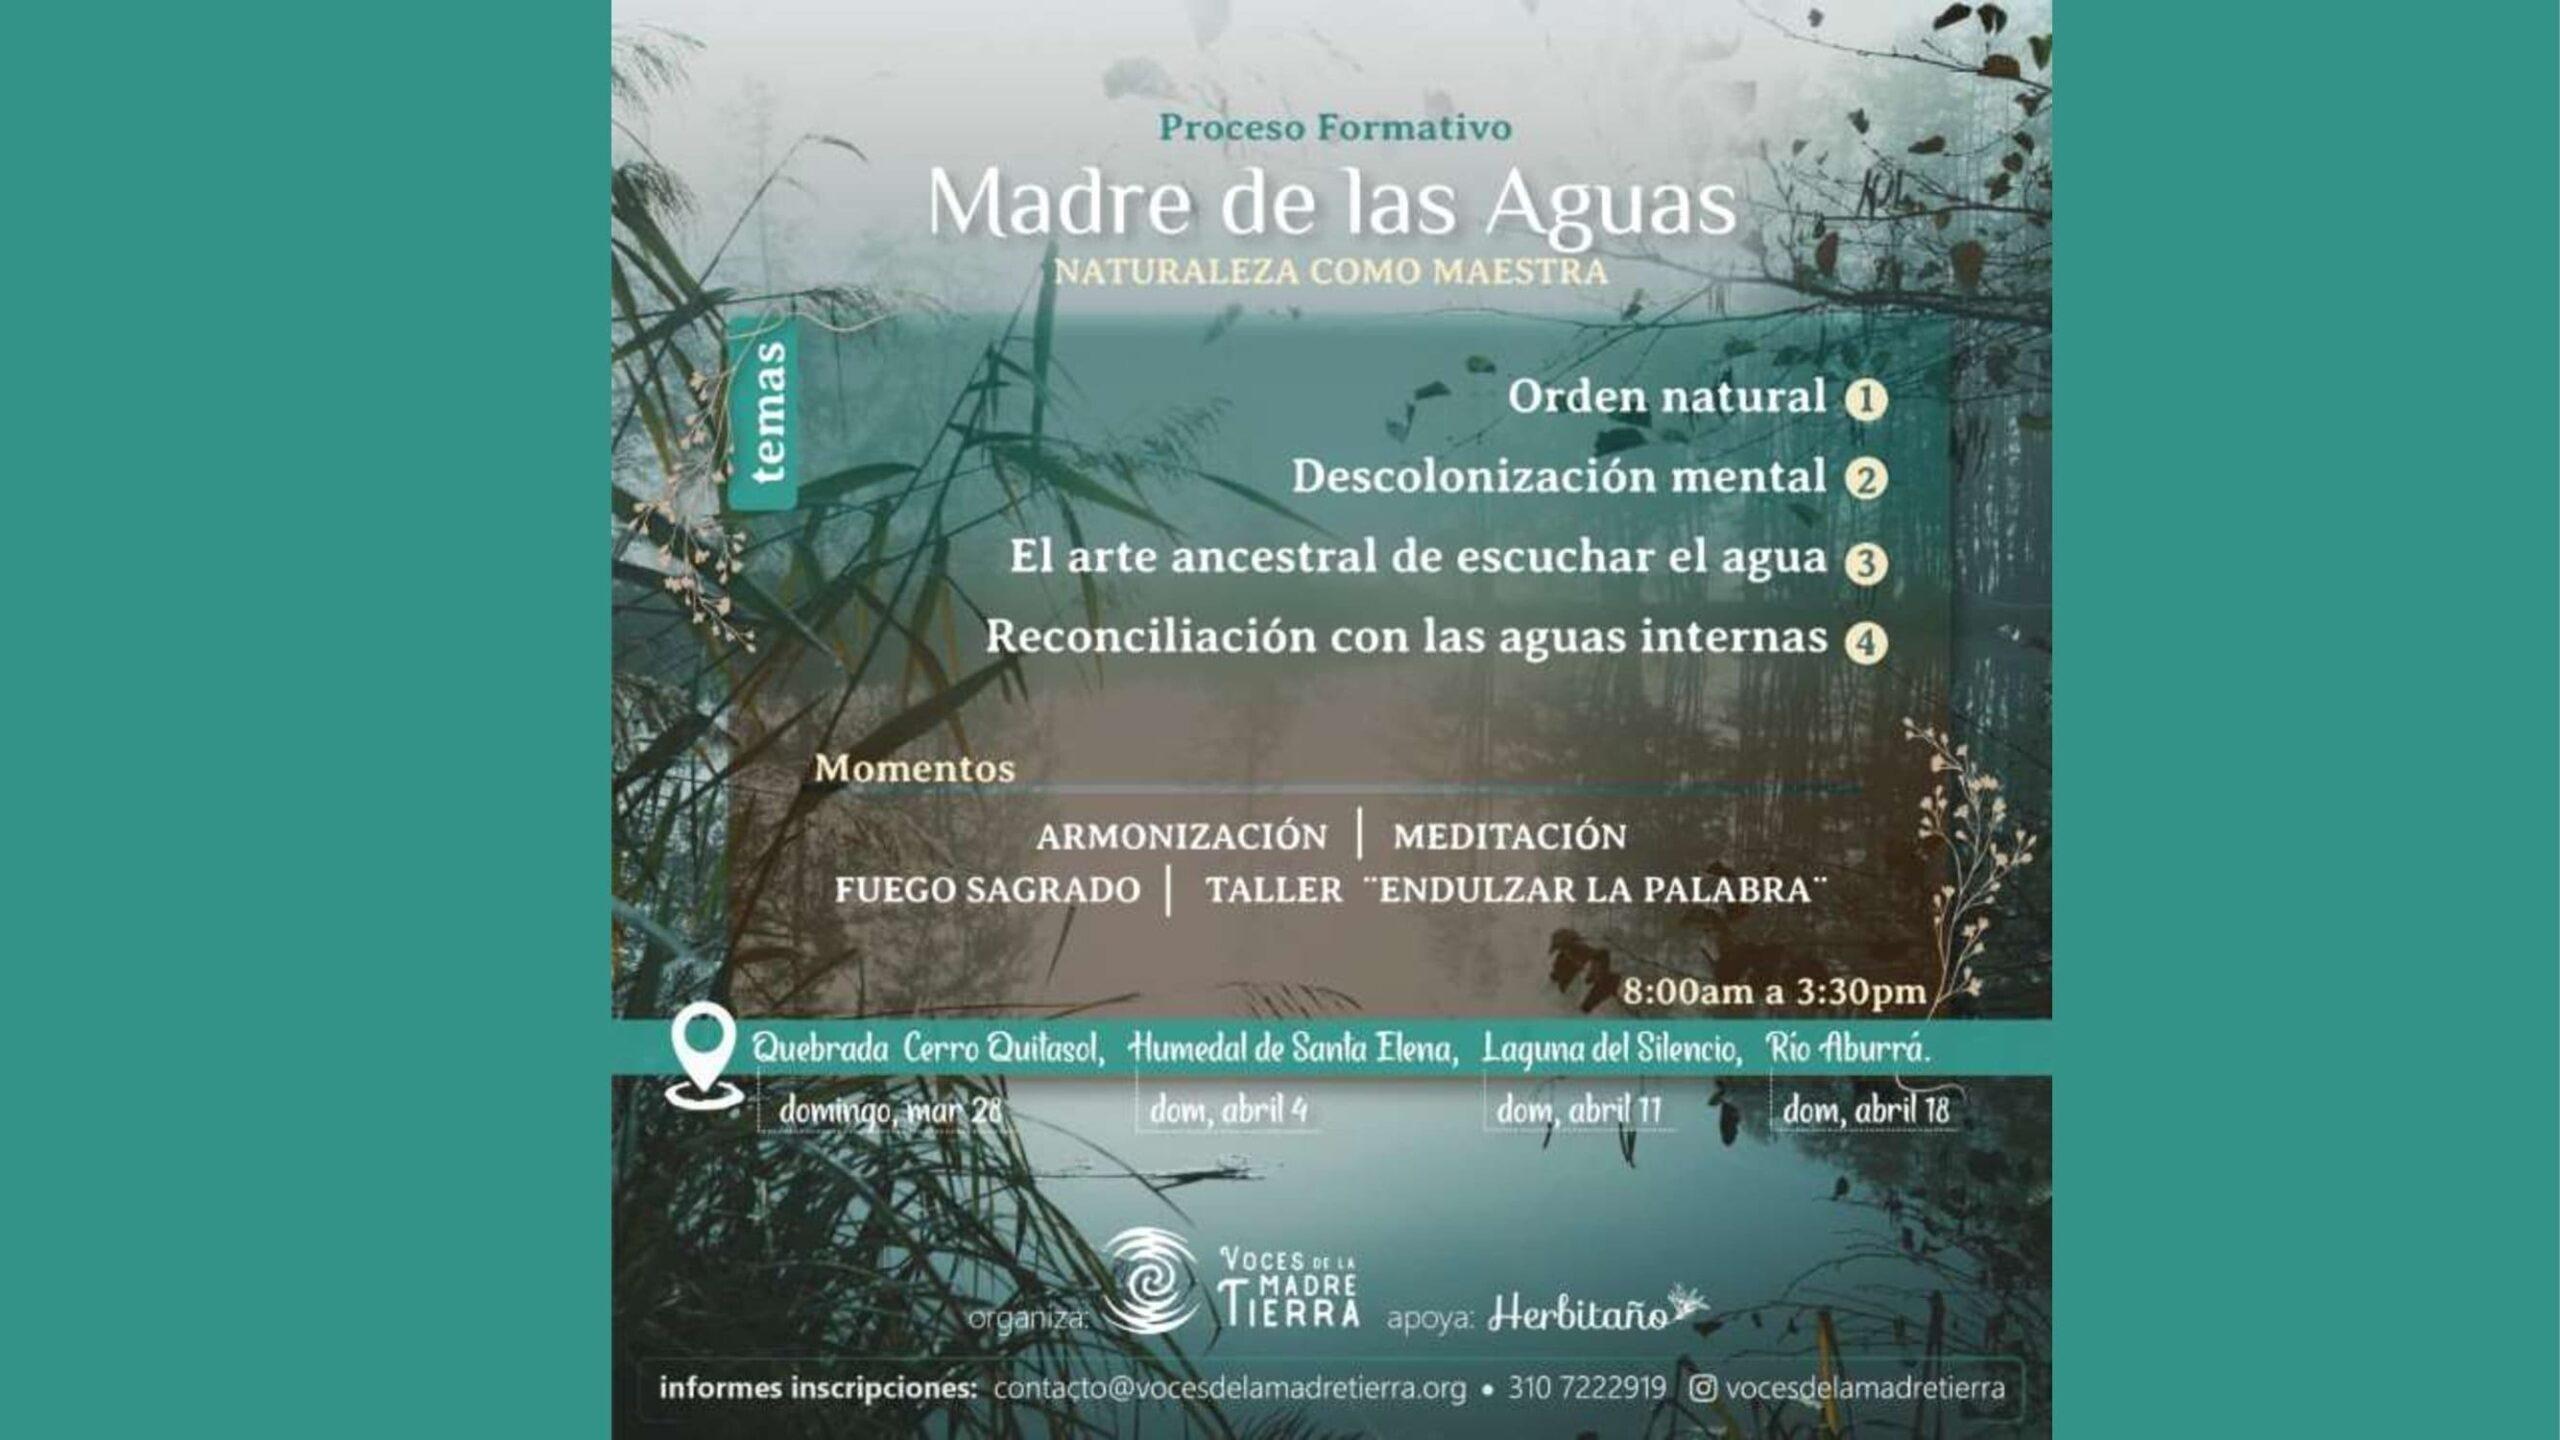 Información curso Madre de las Aguas (2)_00001